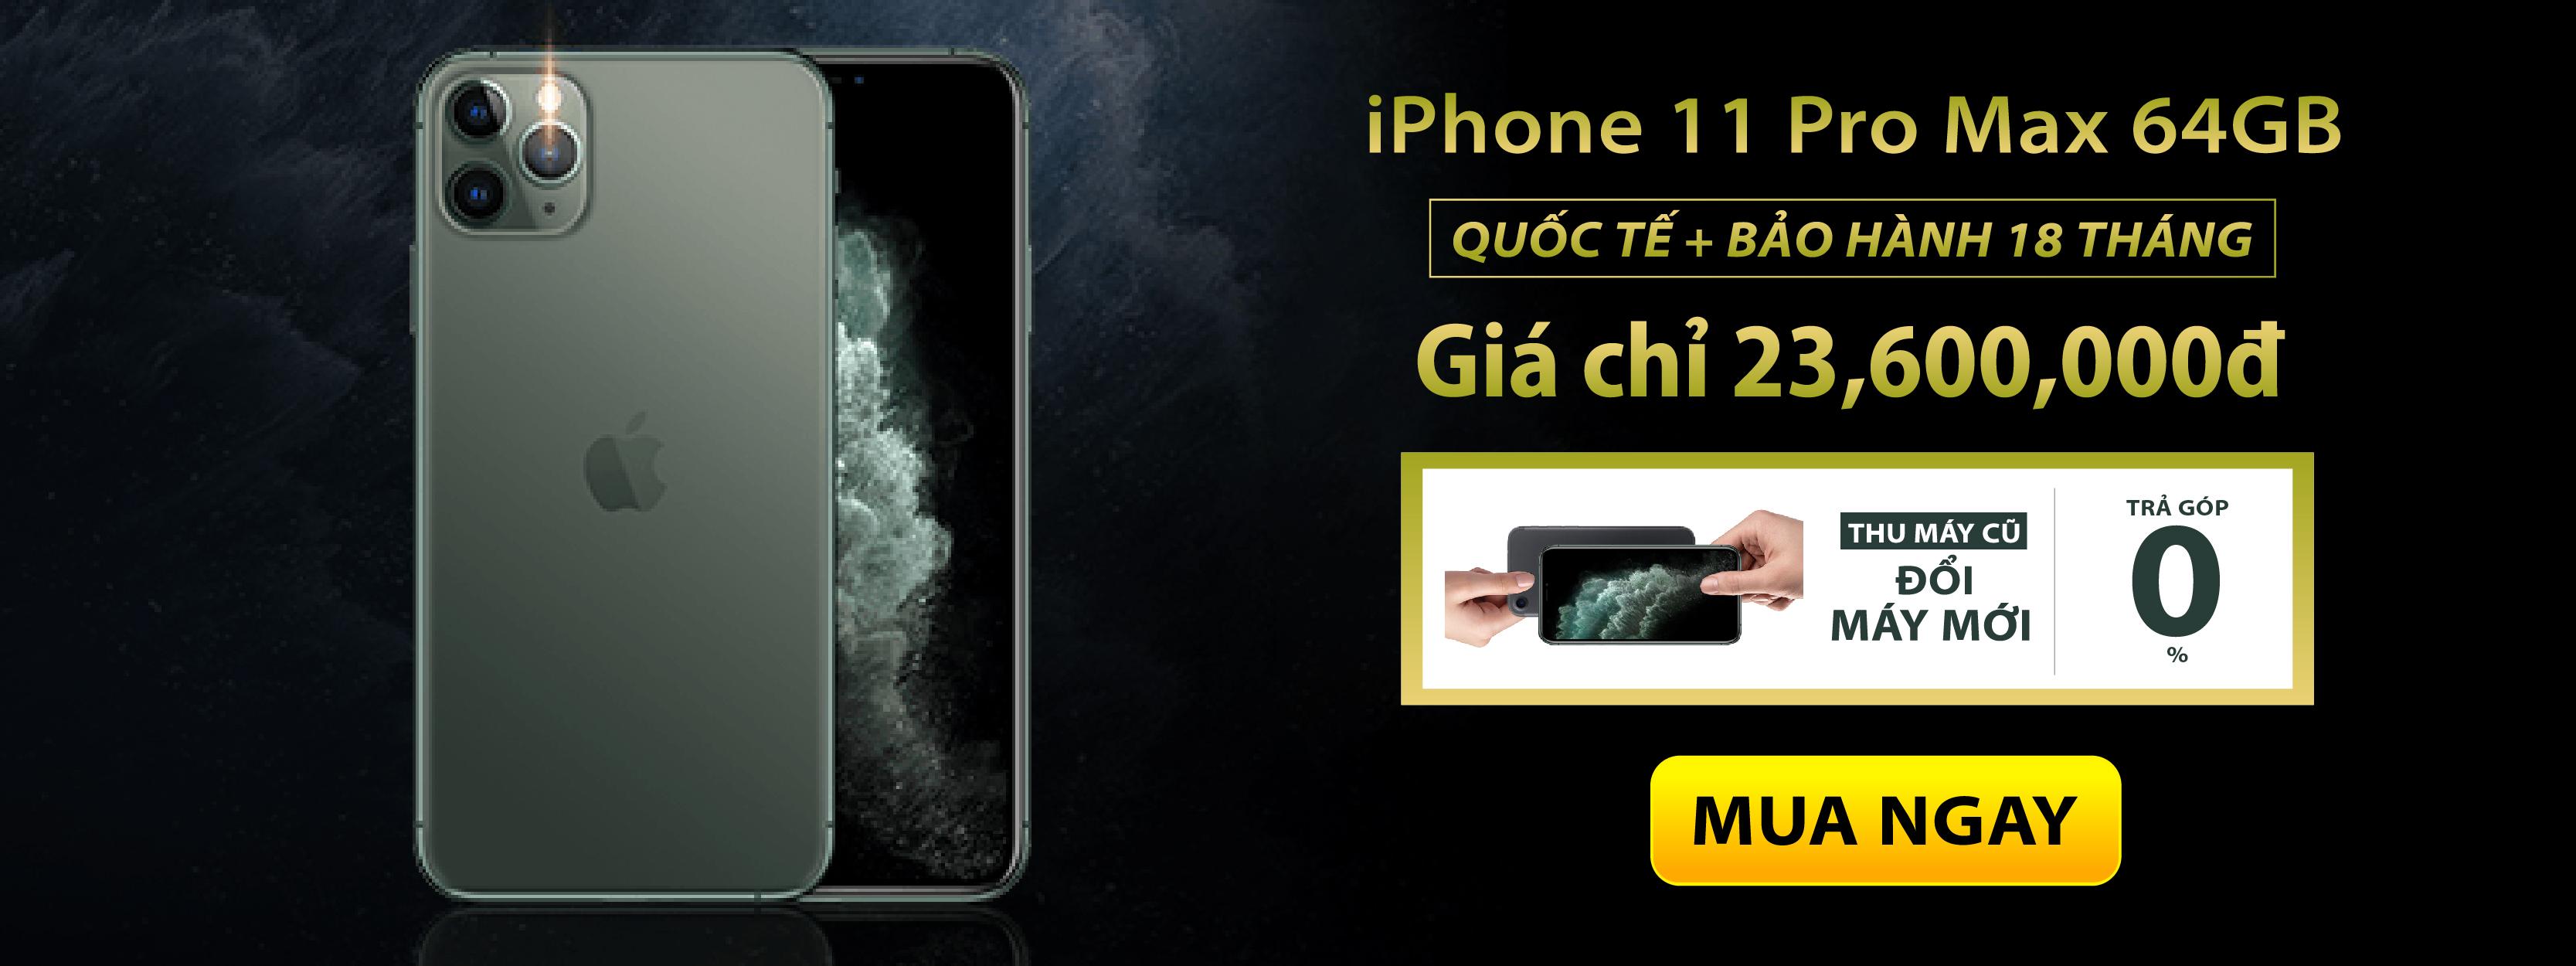 Slide 2 - trangthienlong.com.vn